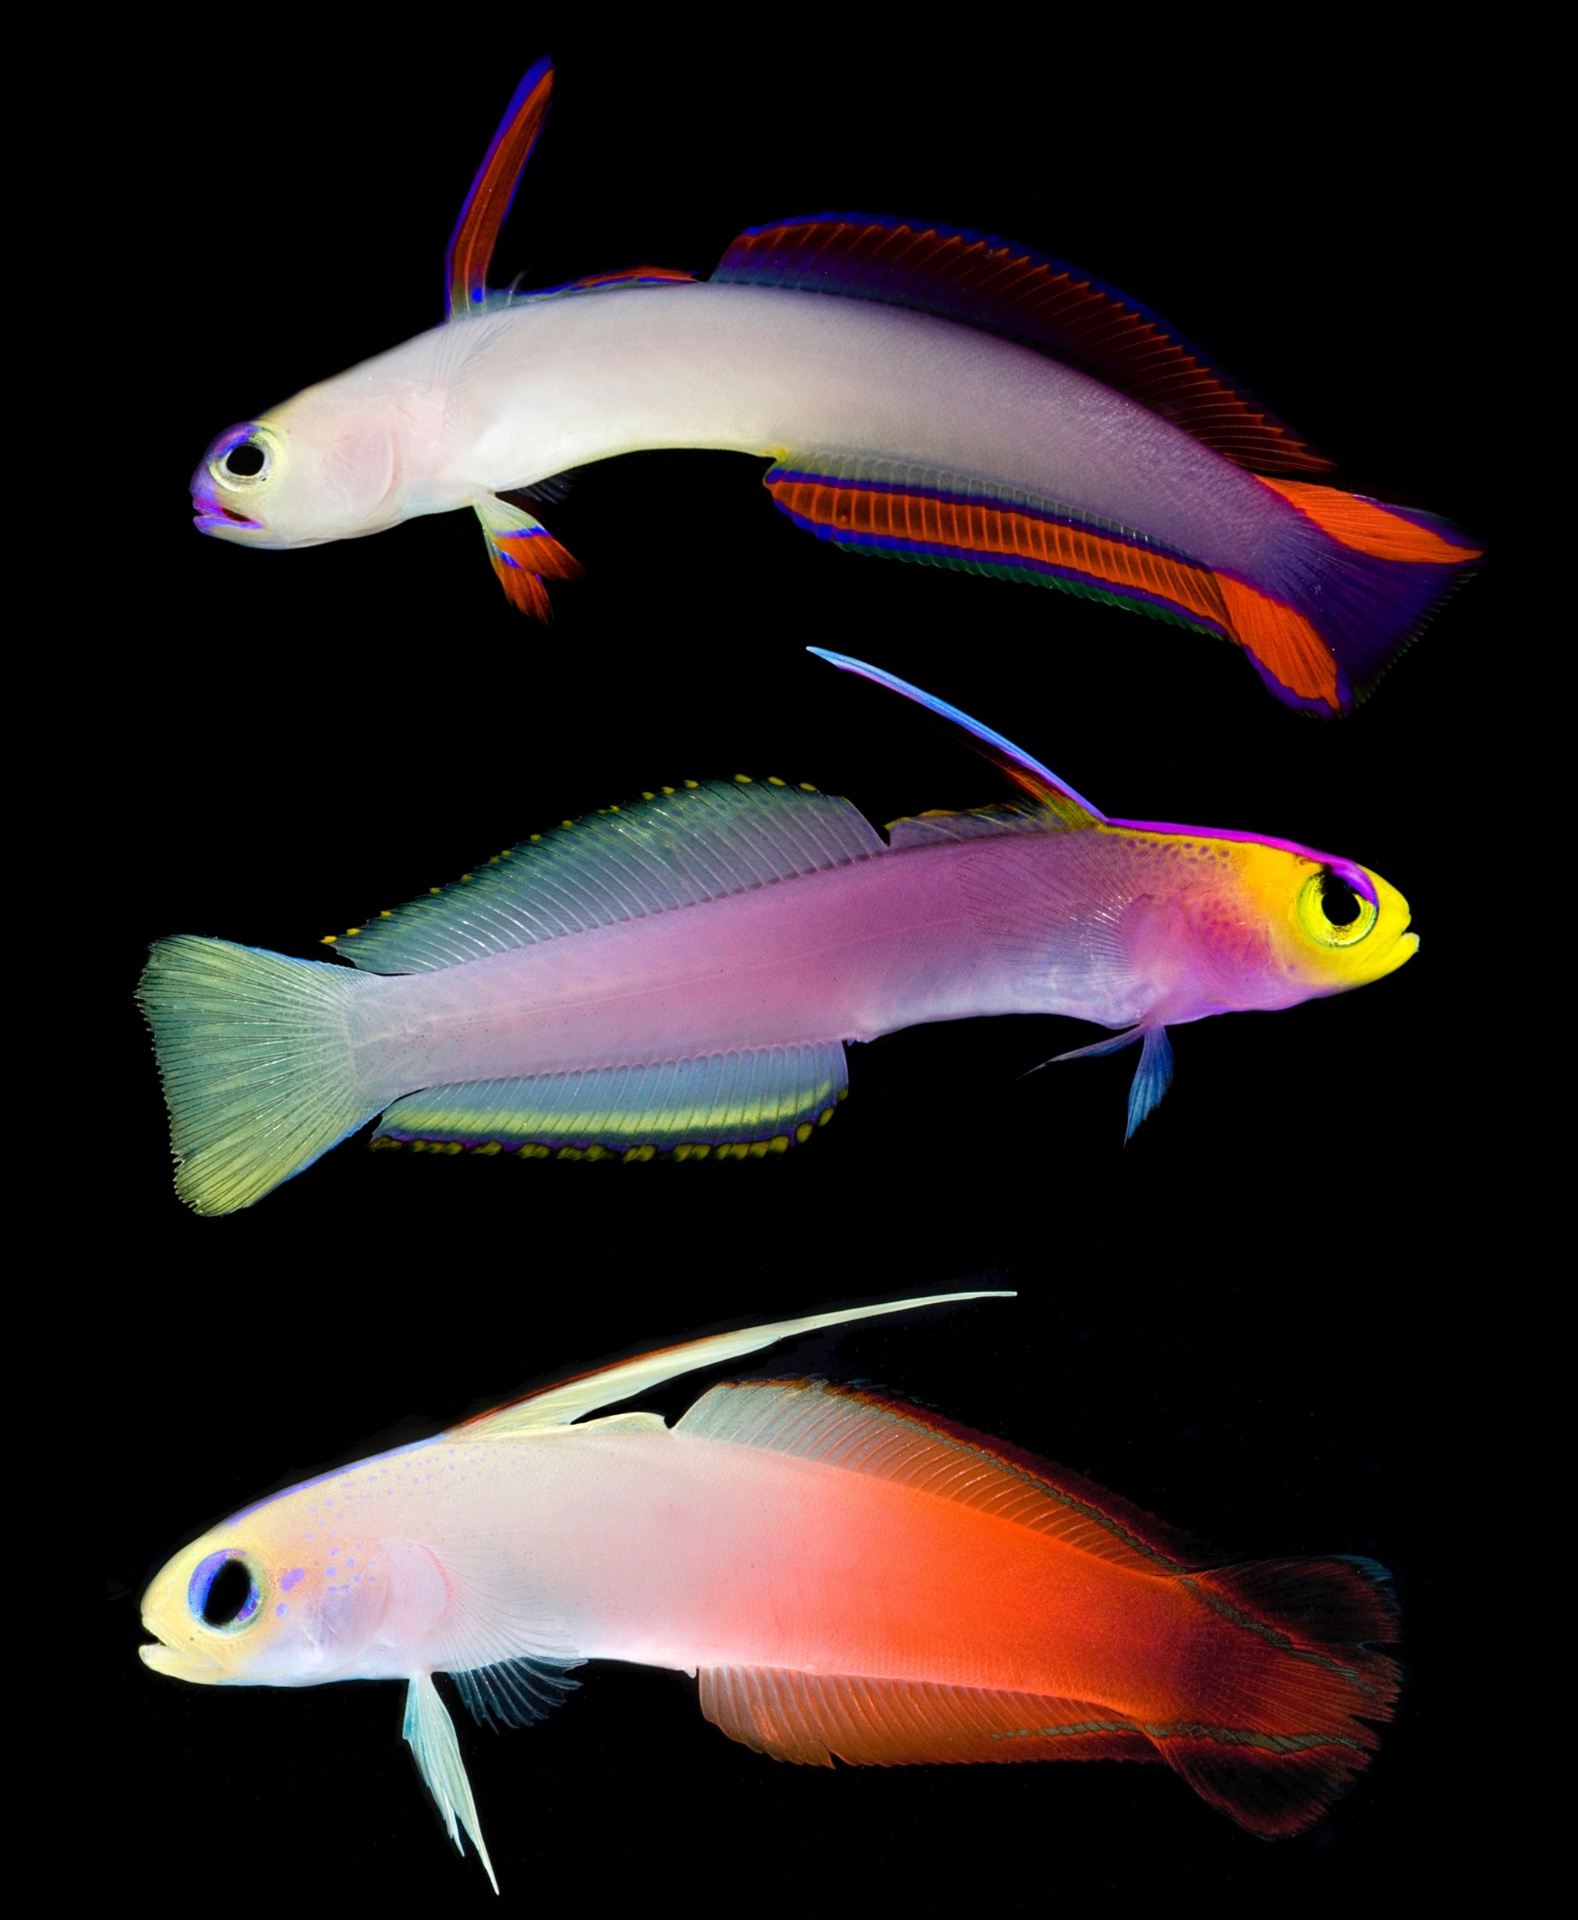 5.jul.2016 - O peixinho Nemateleotris helfrichi (no meio) é encontrado no oeste do Oceano Pacífico e vive a até 90 metros de profundidade. Já os Nemateleotris magnifica (na parte inferior) são encontrados no Pacífico tropical, no Mar Vermelho na costa leste da África